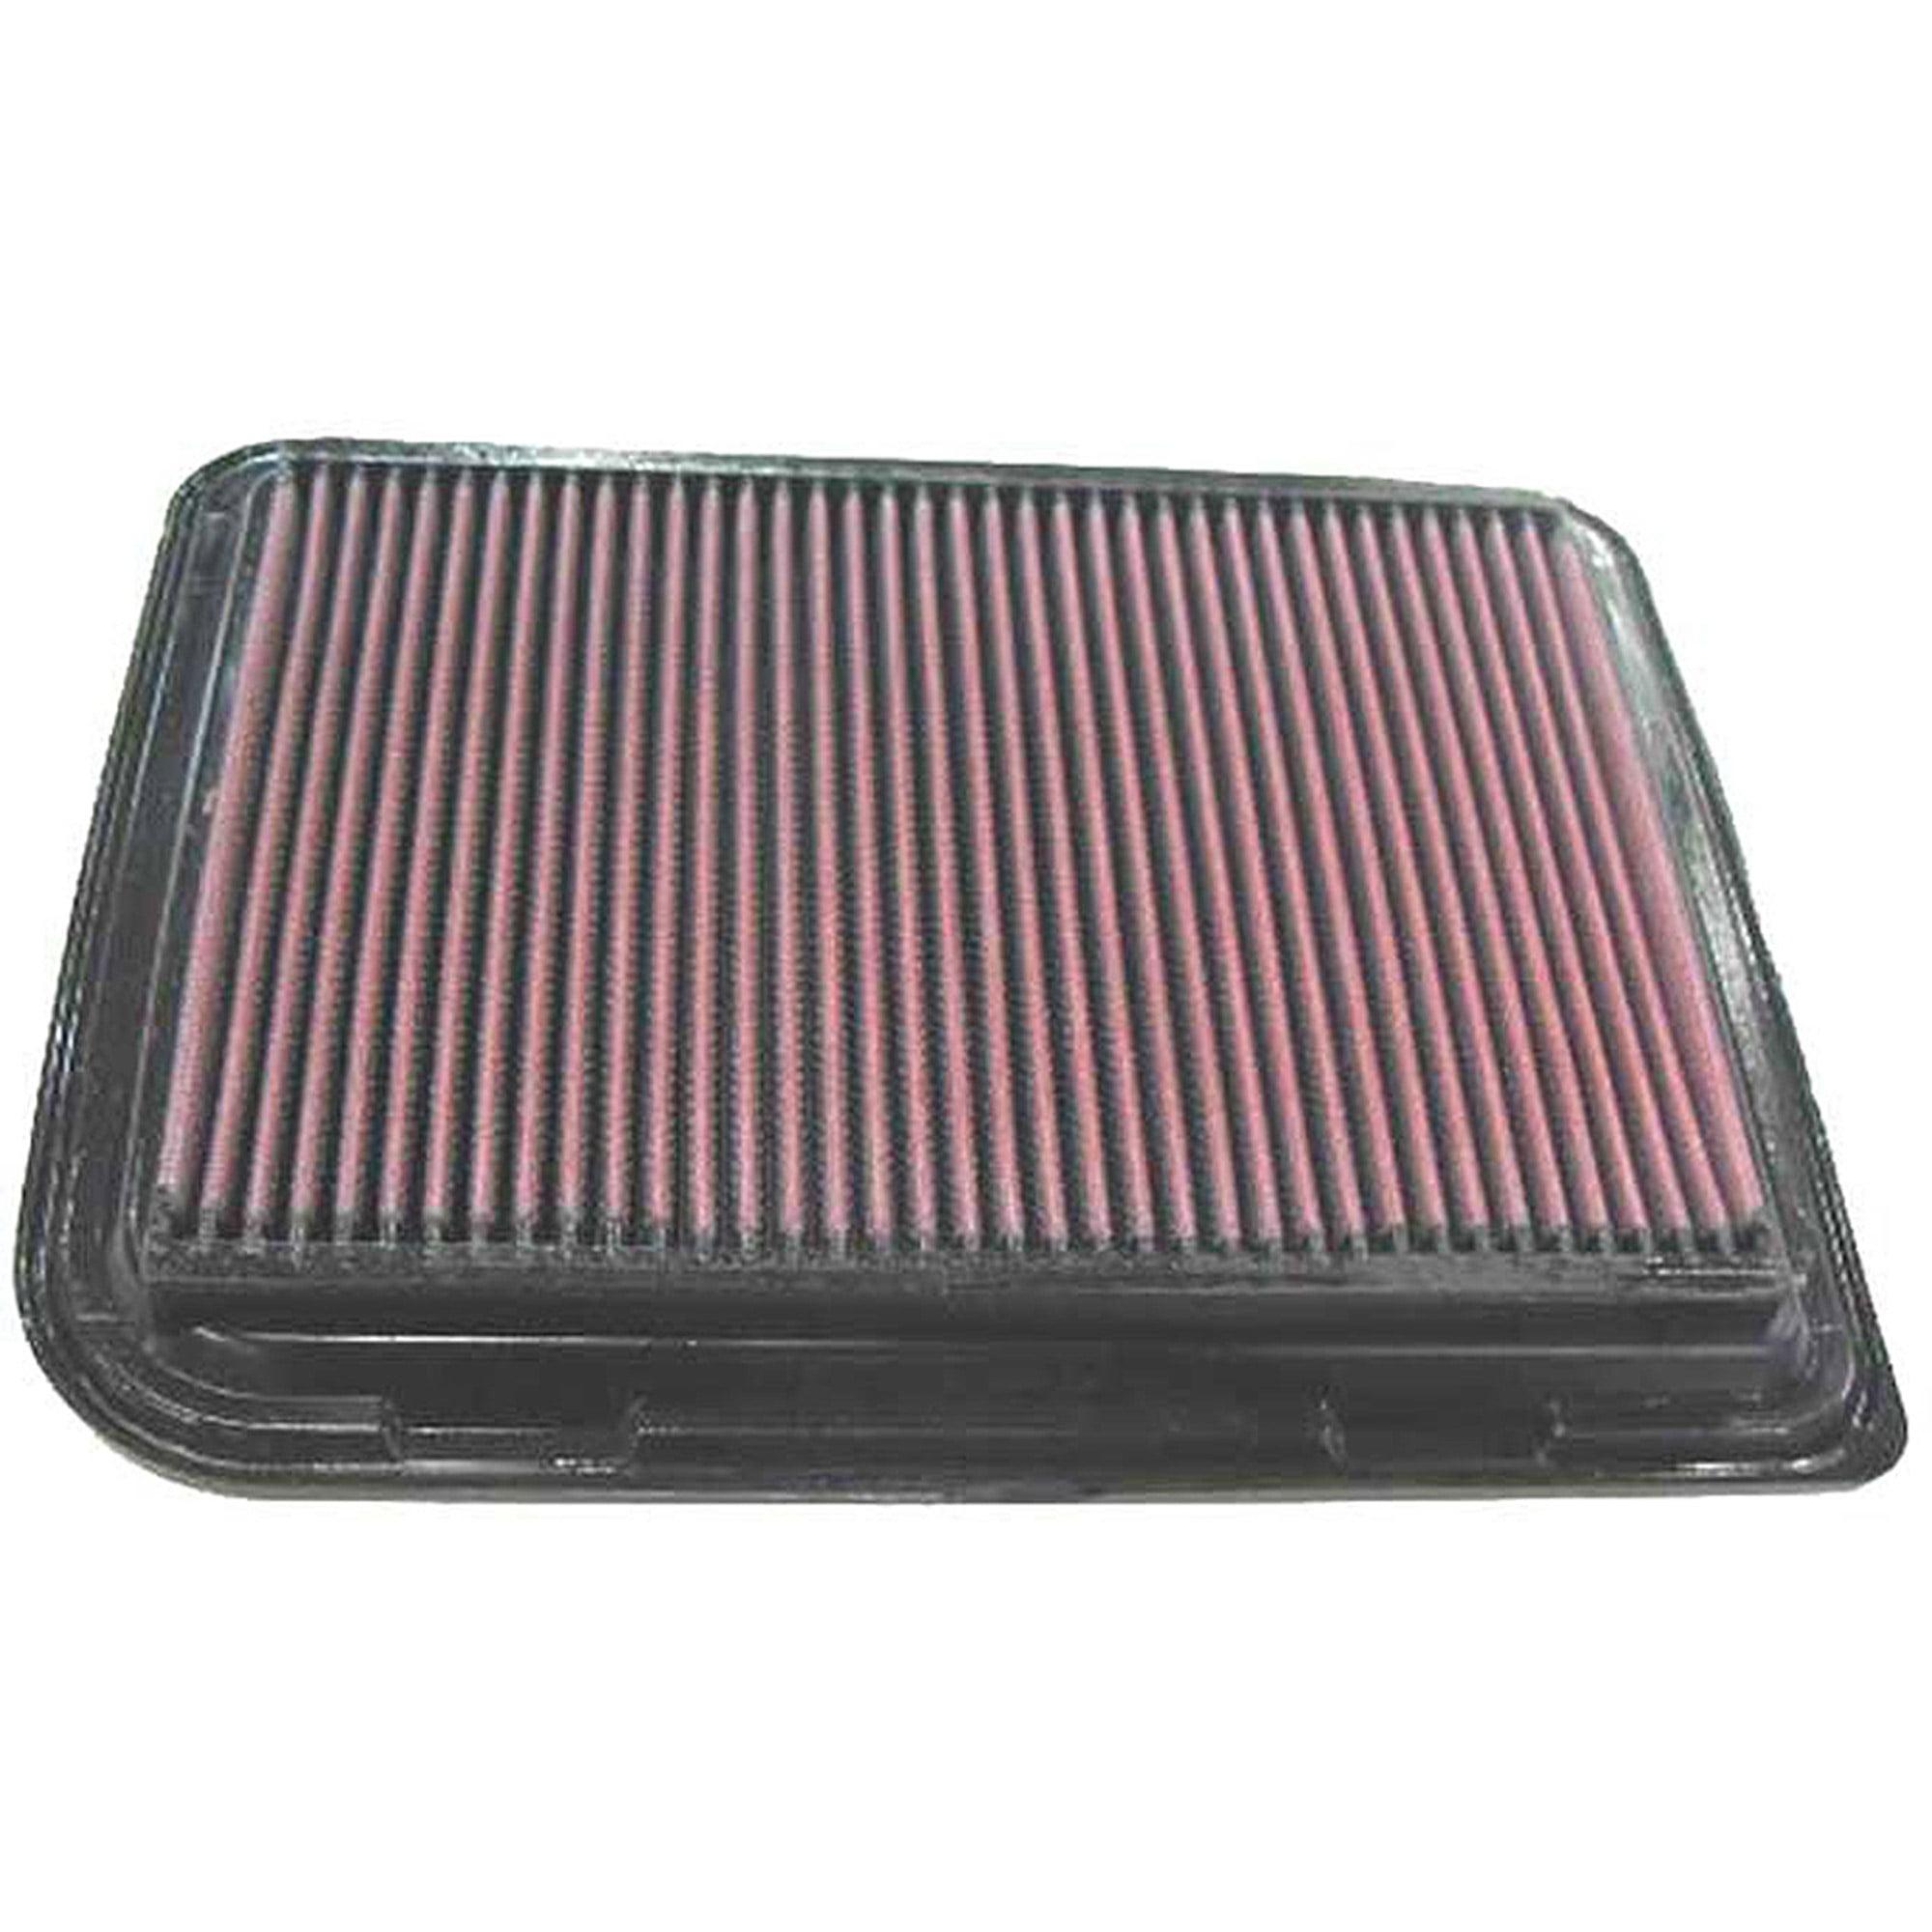 K&N Replacement Air Filter # 33-2852